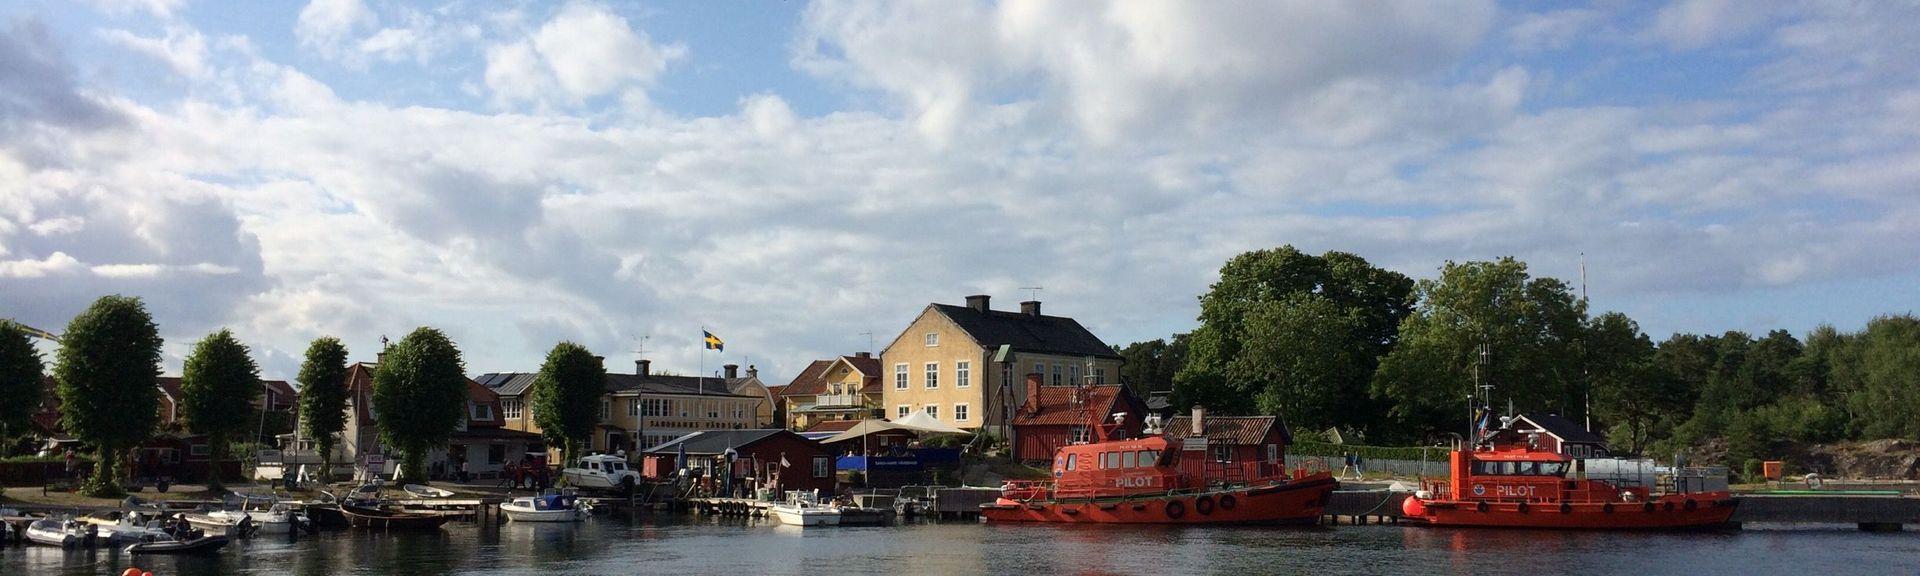 Sandhamn, Stockholms län, Schweden